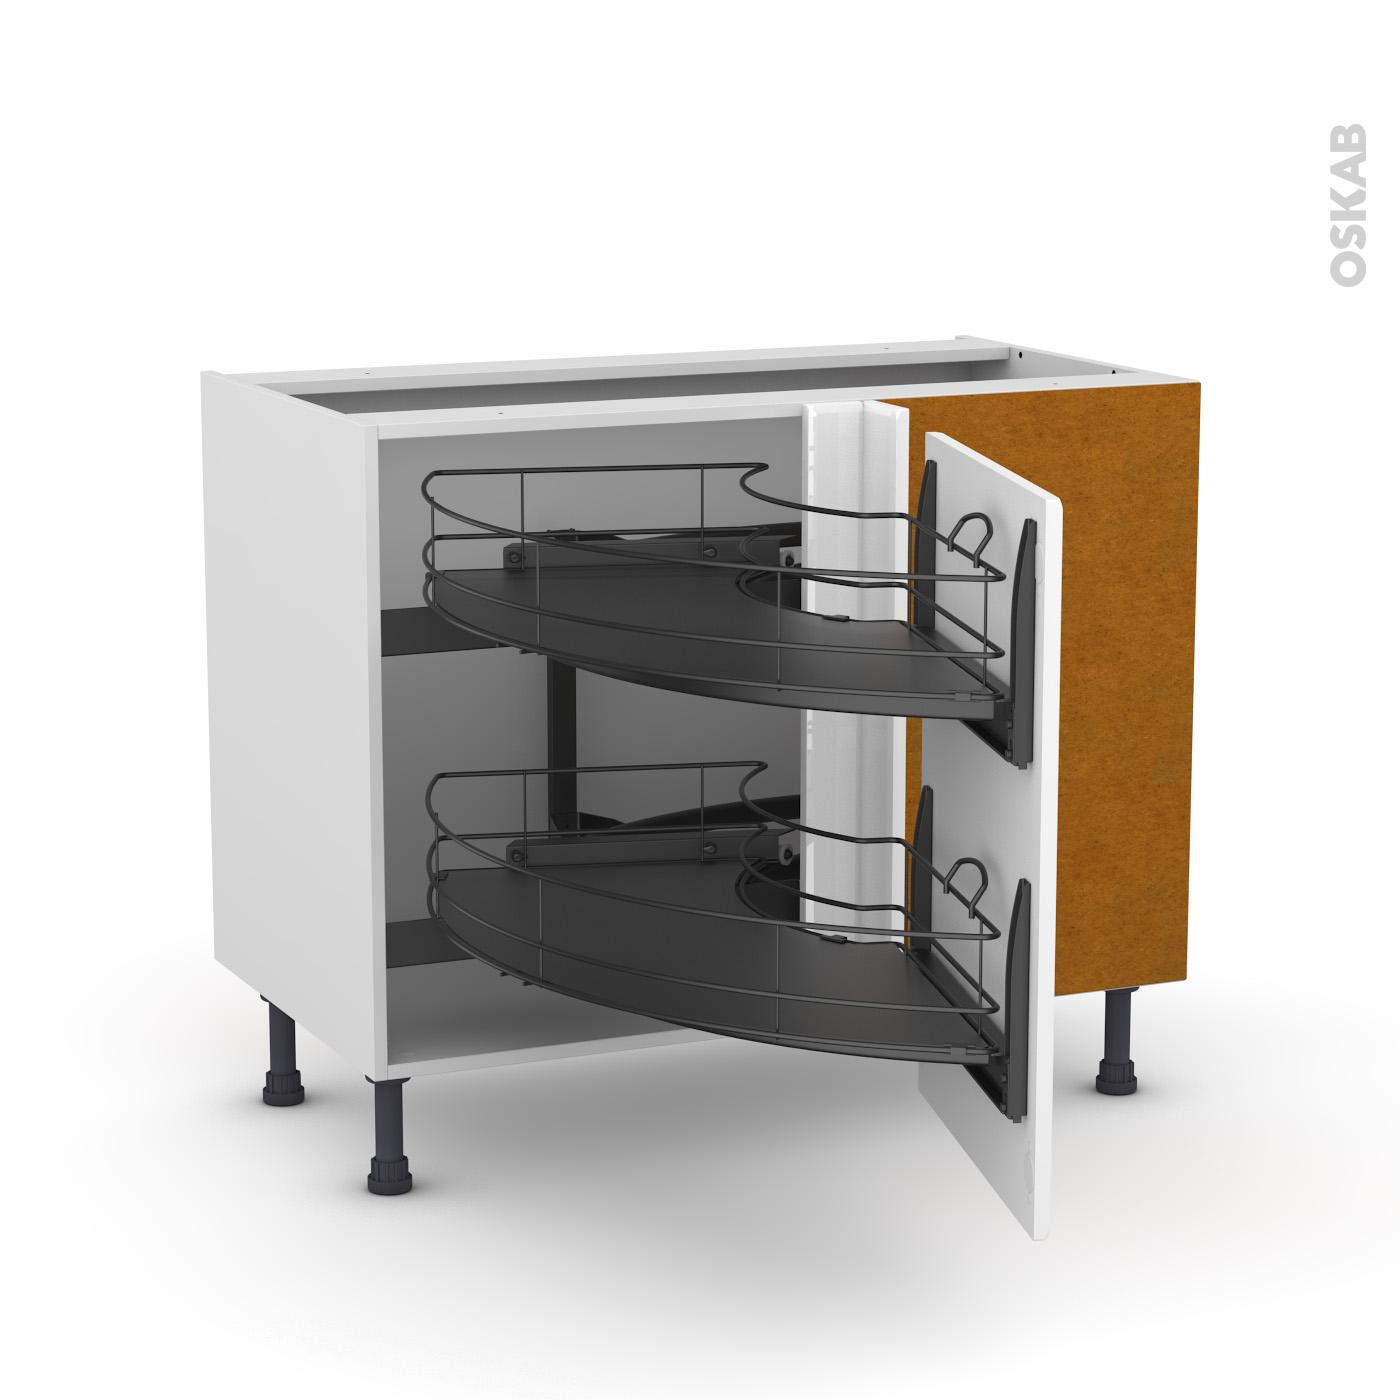 meuble de cuisine angle bas iris blanc demi lune coulissant epoxy tirant droit 1 porte l50 cm l100 x h70 x p58 cm